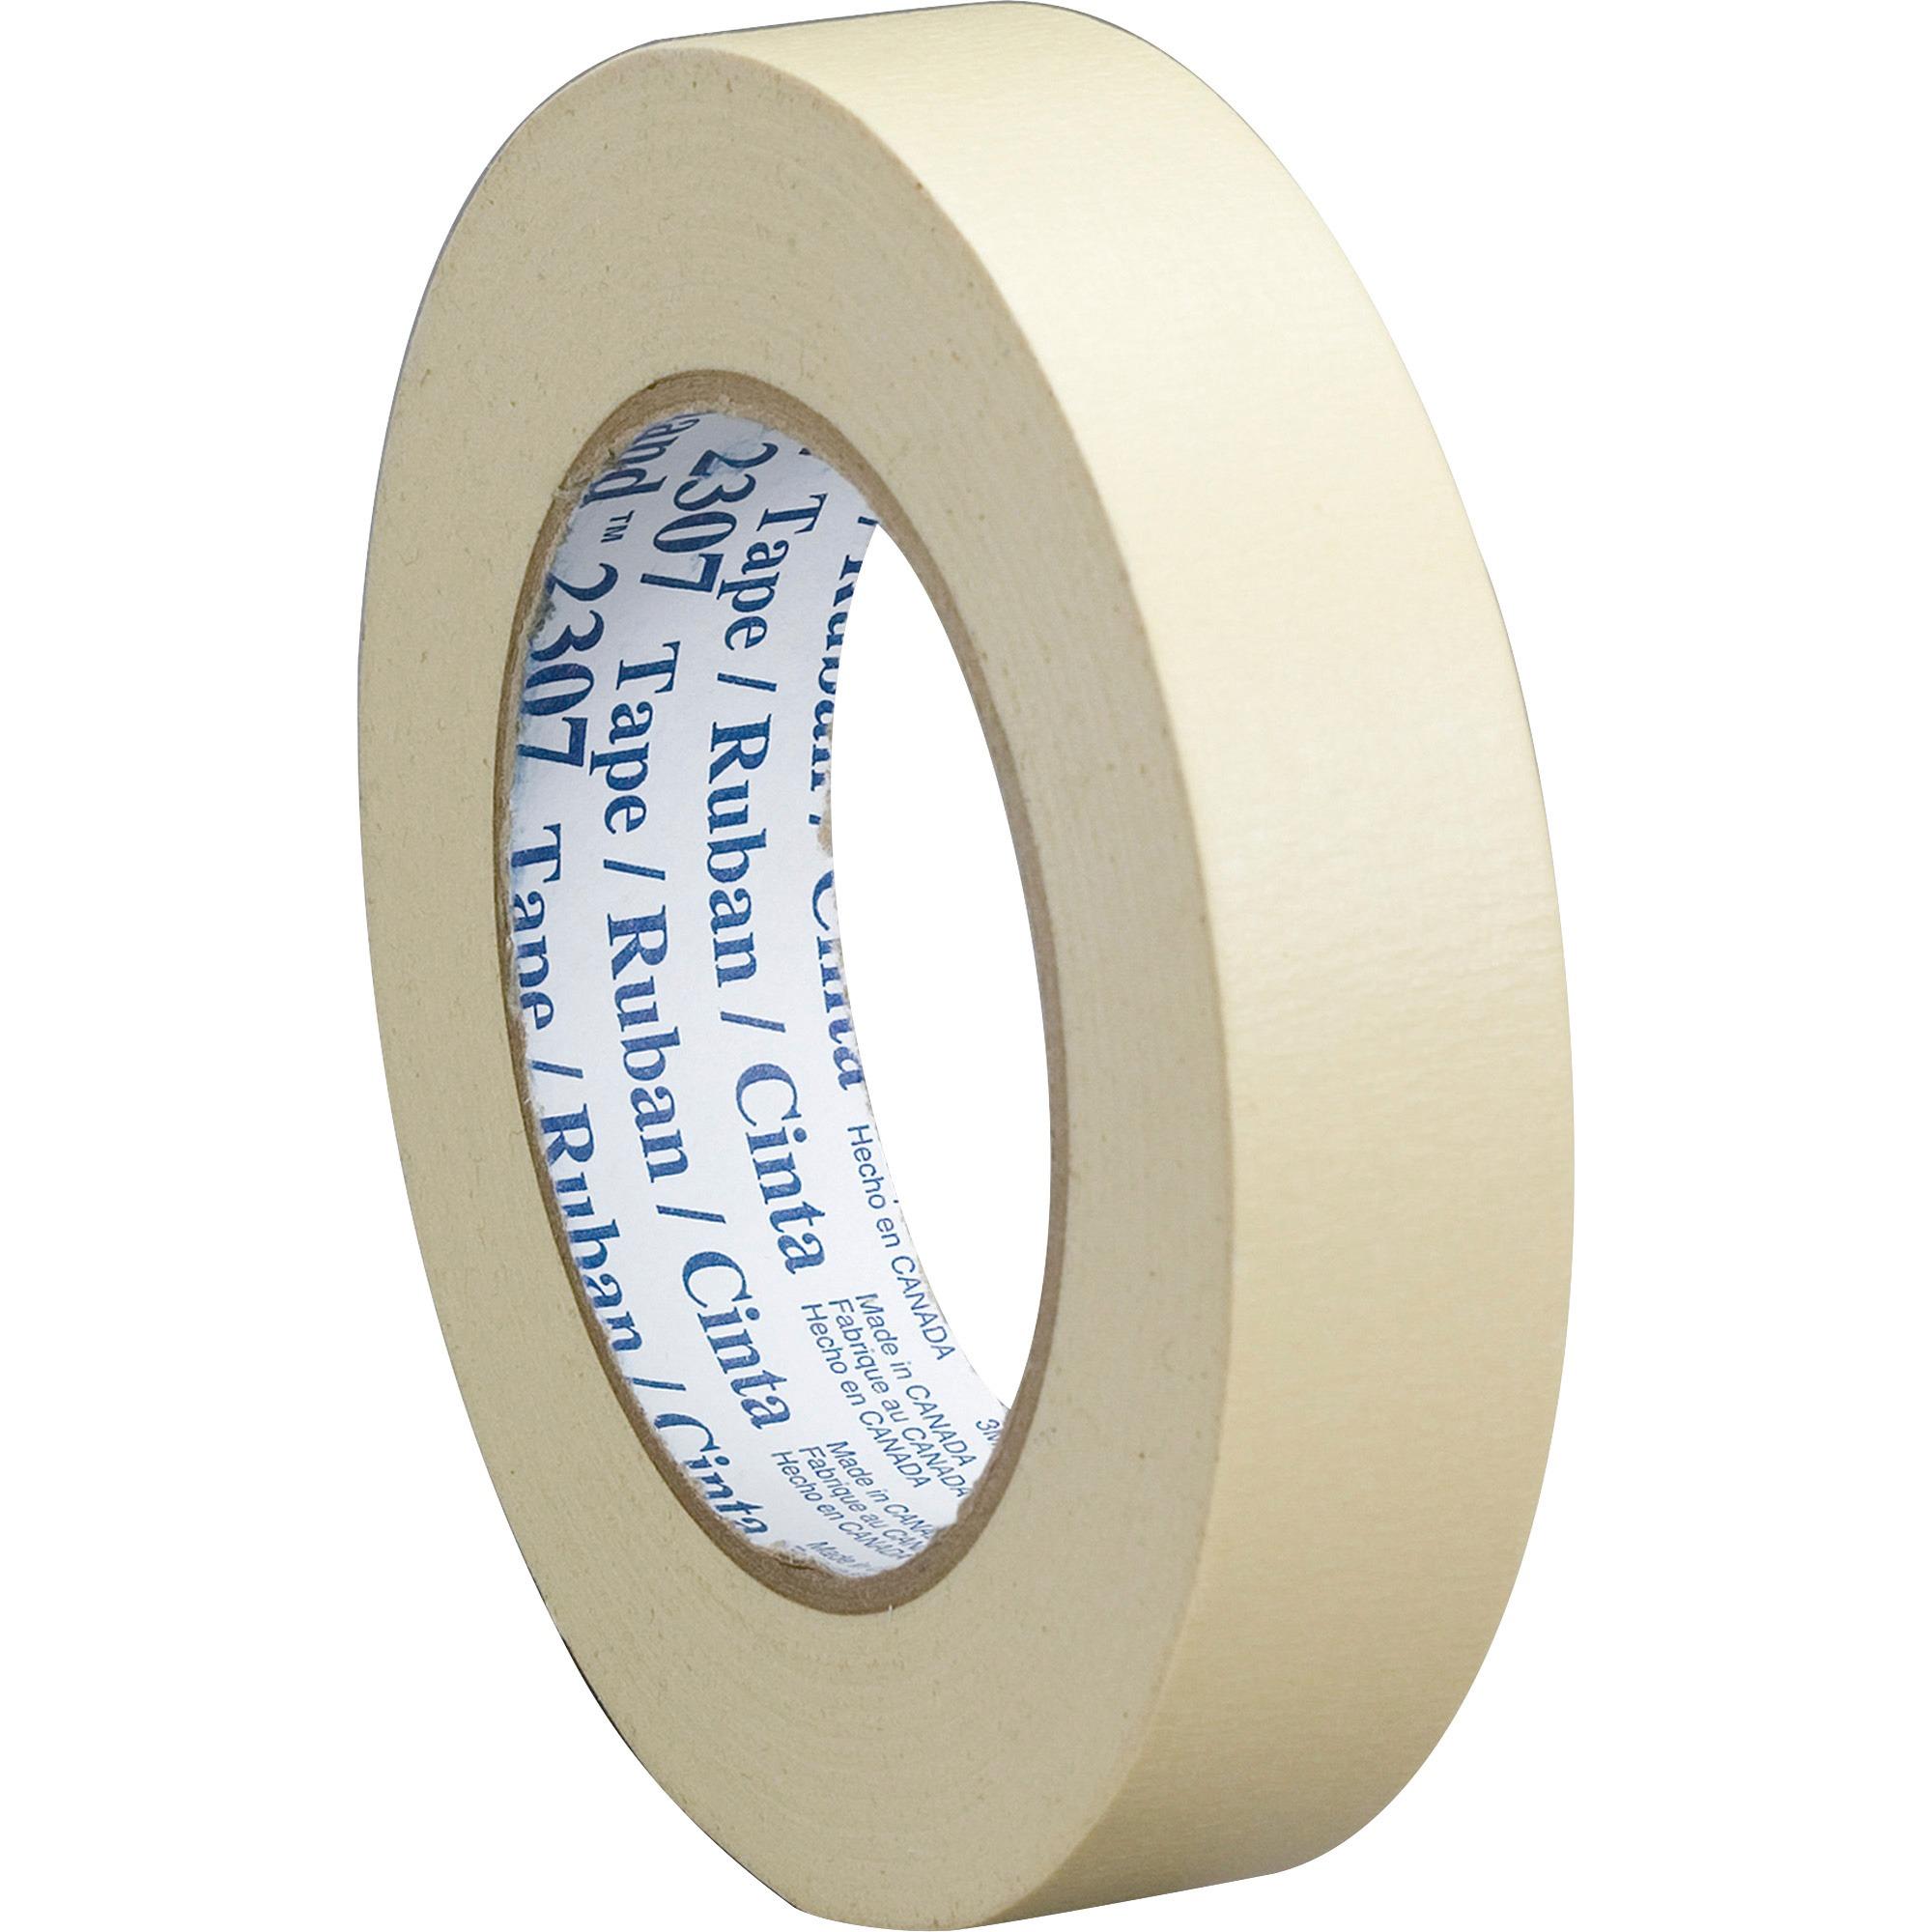 3M, MMM230736X55, 2307 General Purpose Masking Tape Rolls, 24 / Carton, Tan